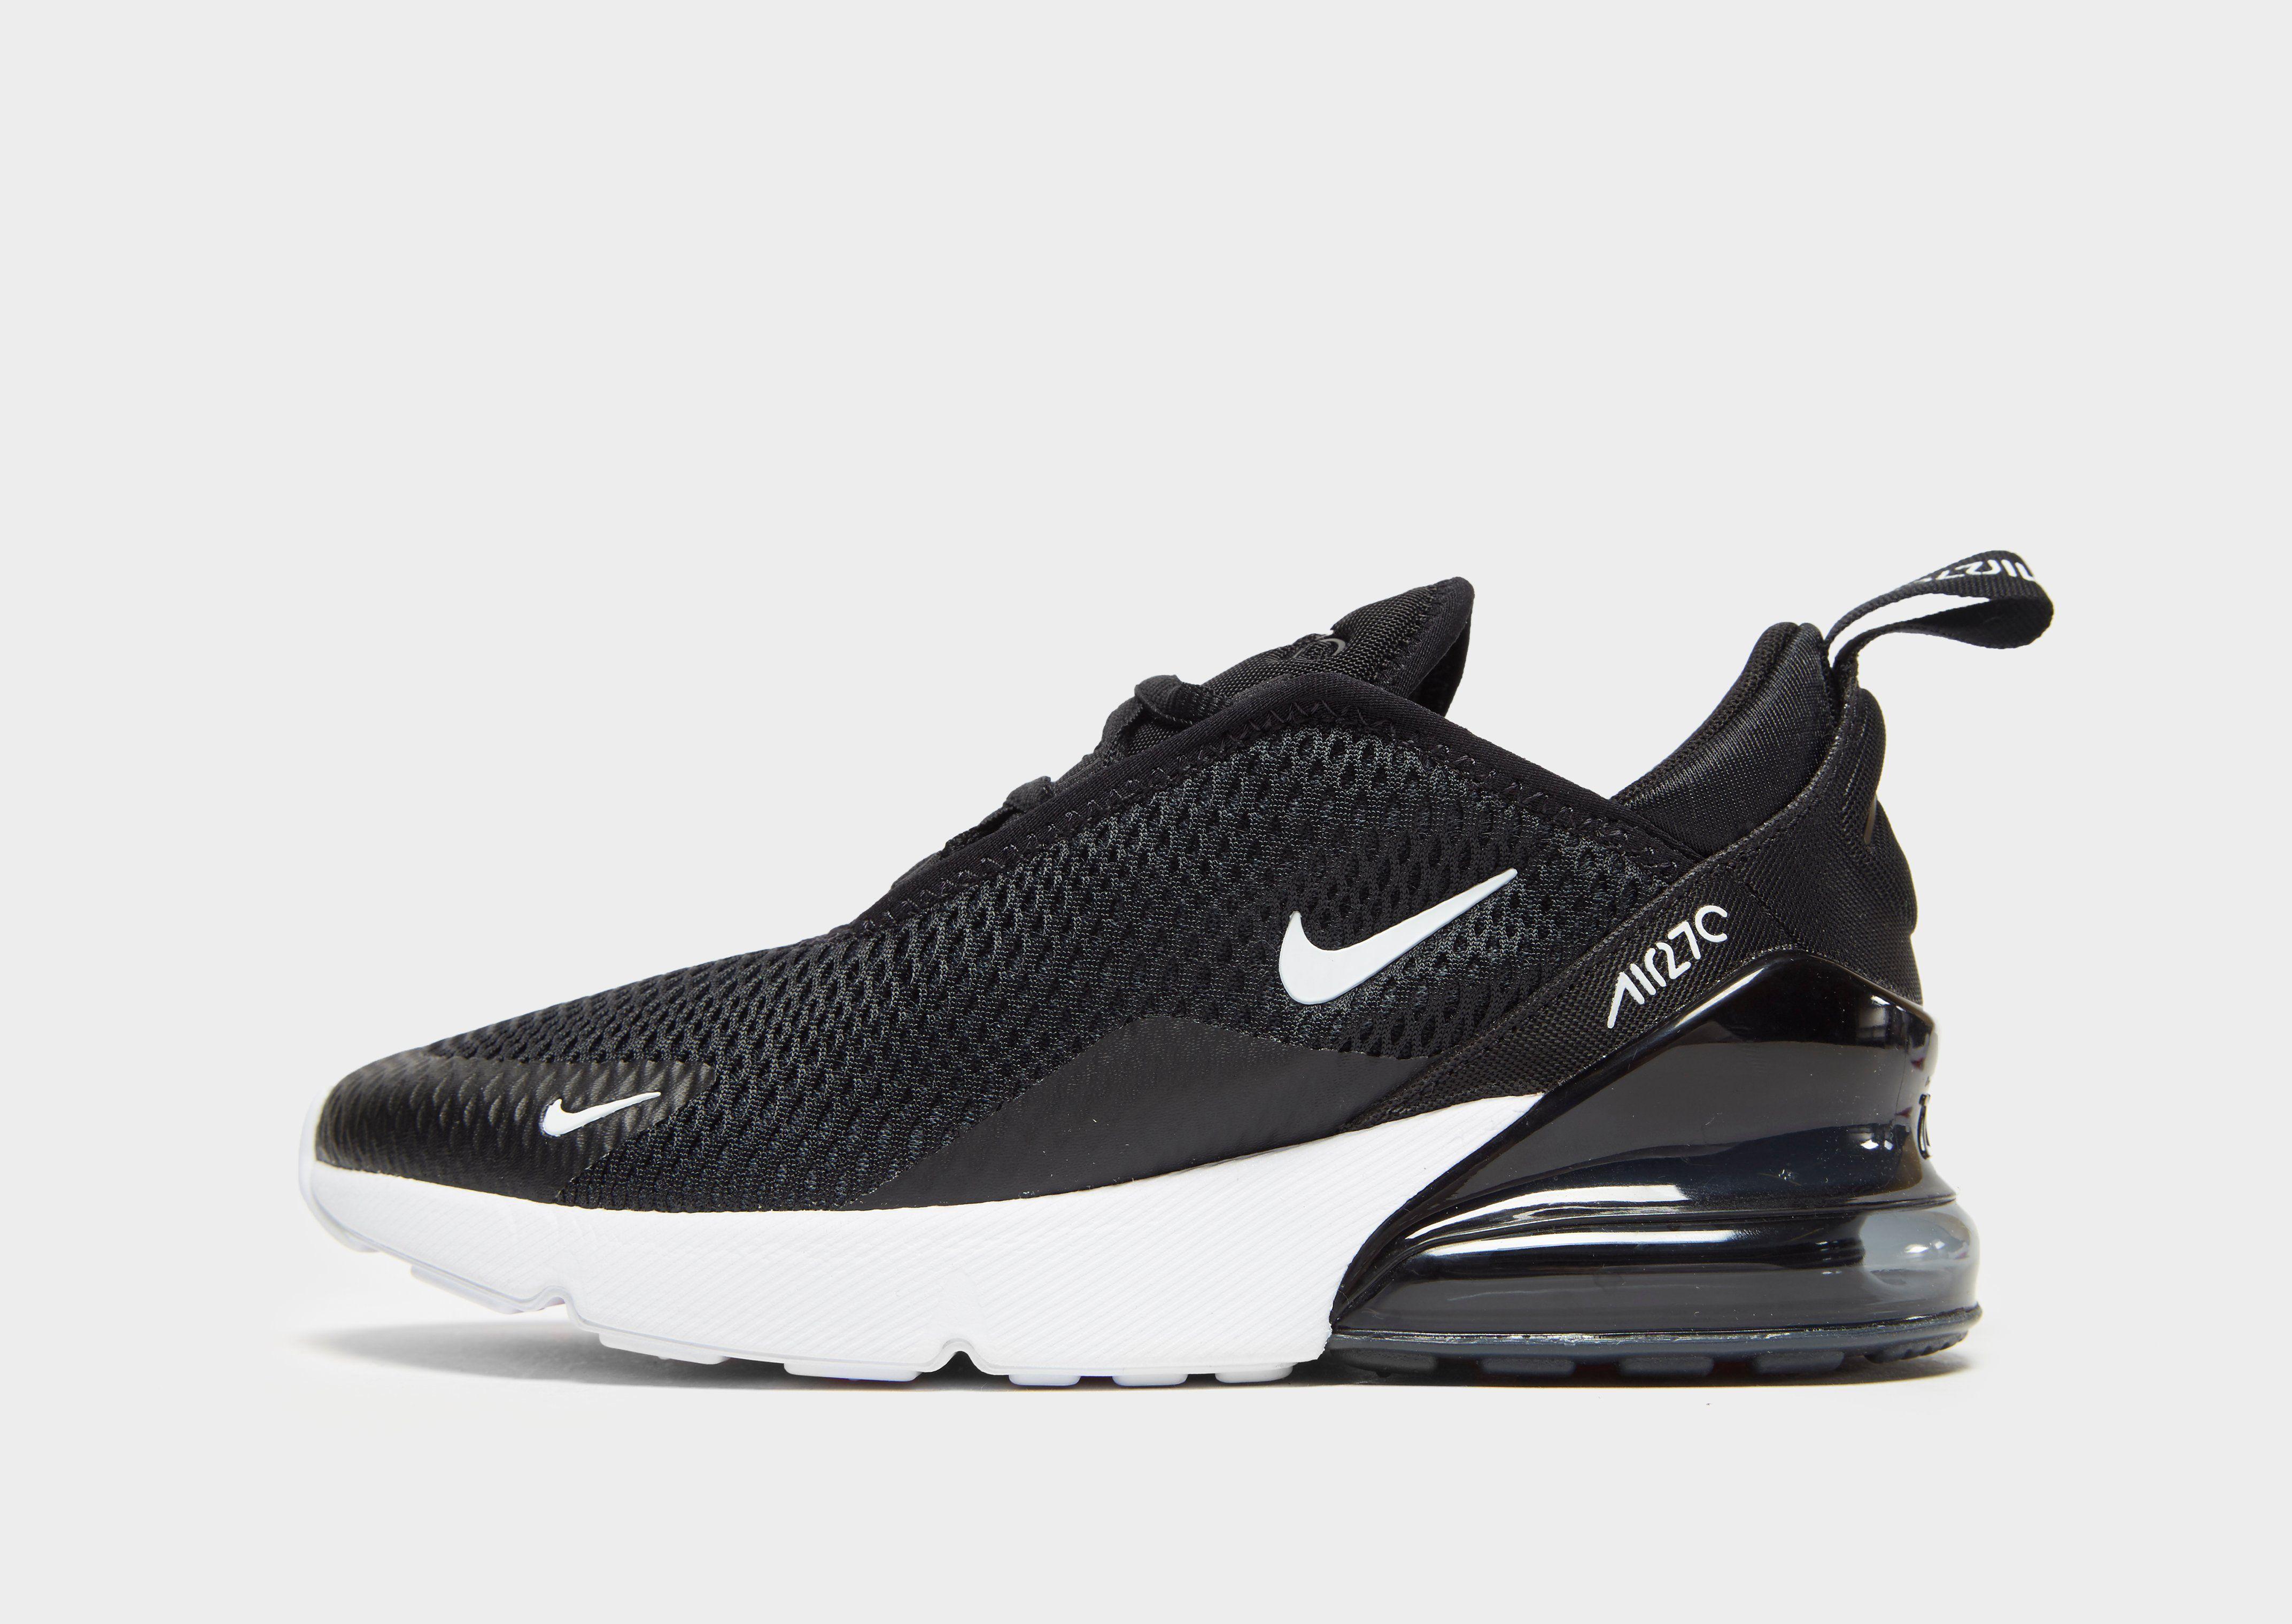 c6ff411a4c8ab Nike Air Max 270 Children